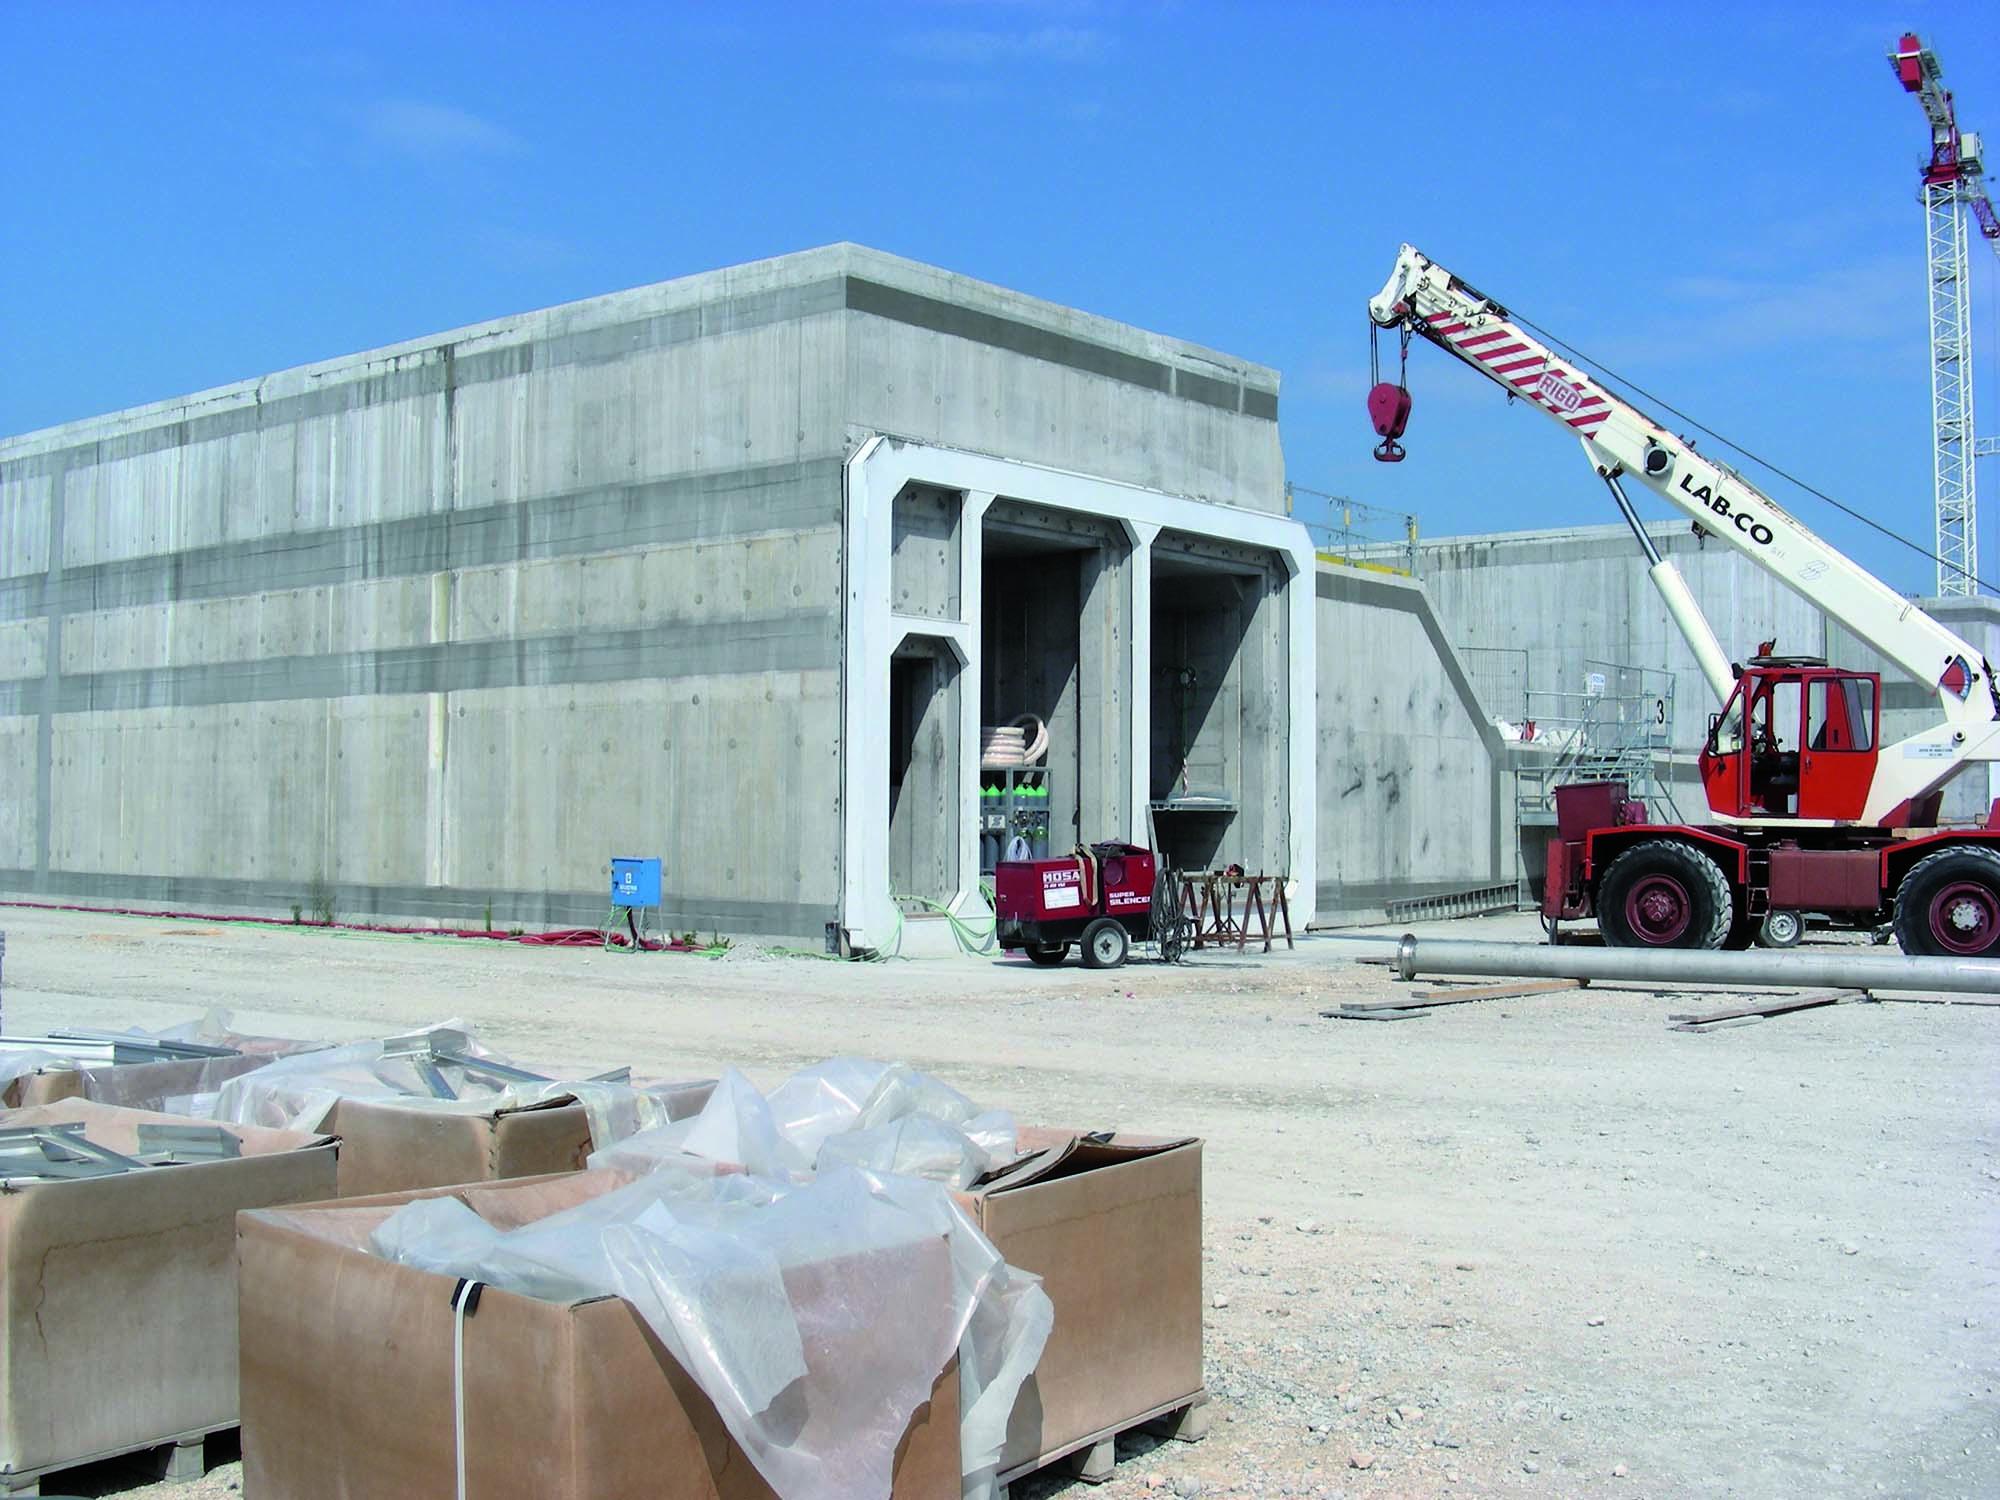 Soluzioni Mapei per i giunti di alloggiamento dei cassoni per il MOSE di Venezia - Cassoni in calcestruzzo armato in via di realizzazione per il Mose. I giunti di alloggiamento dei cassoni sono stati realizzati con MAPEFILL MF 610.